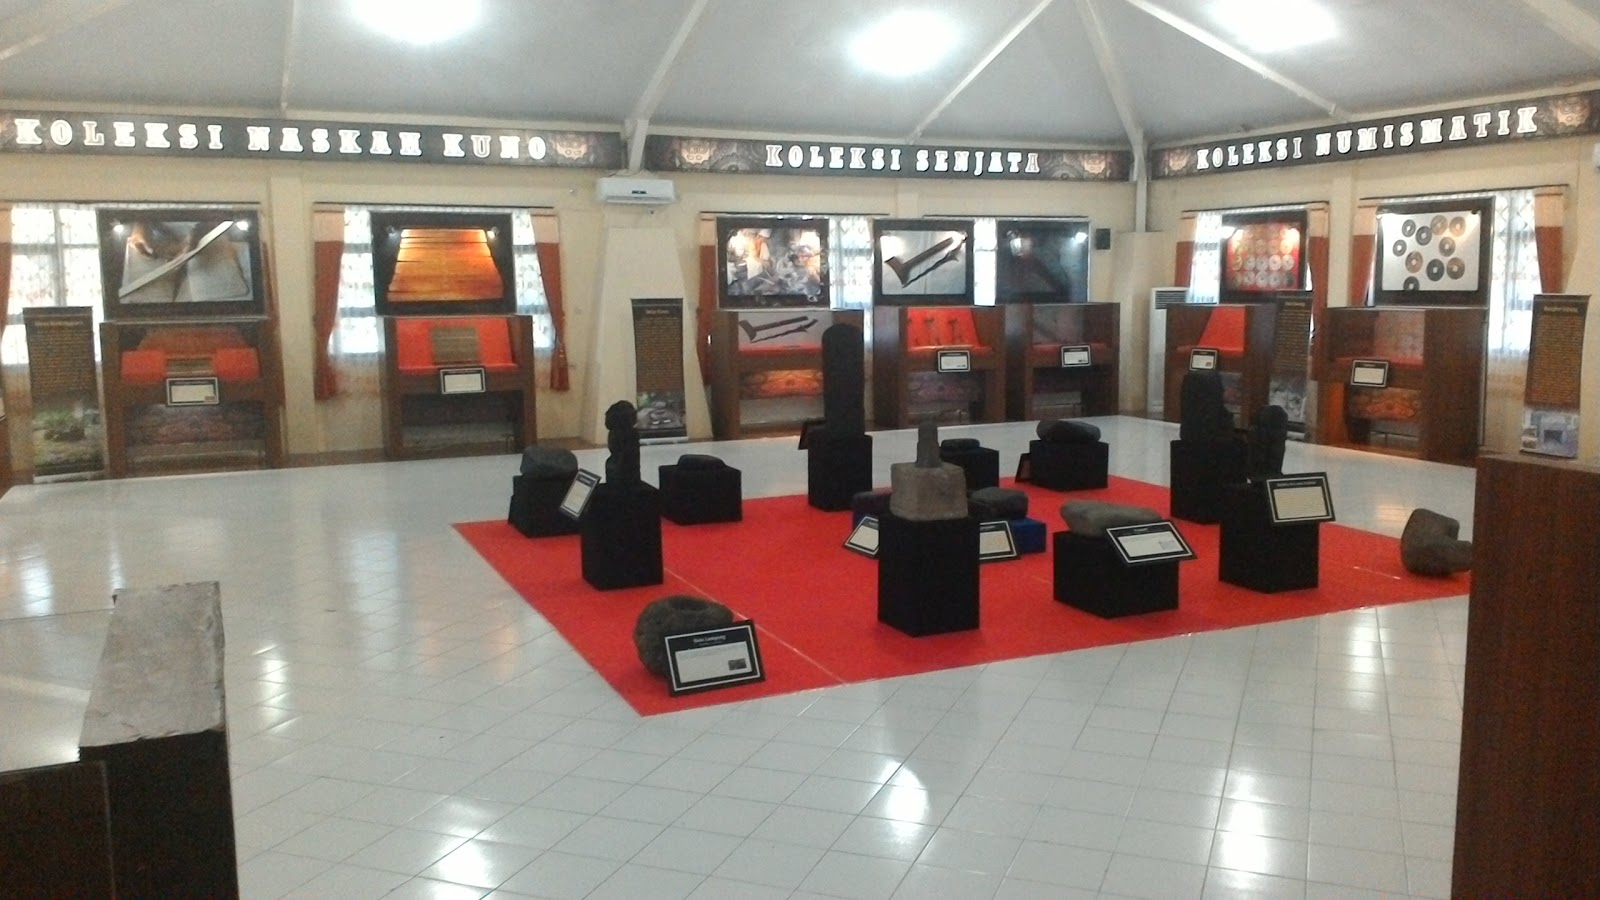 Yuk Mengunjungi Museum Daerah Kabupaten Lumajang Oleh Aries Ruang Pamer